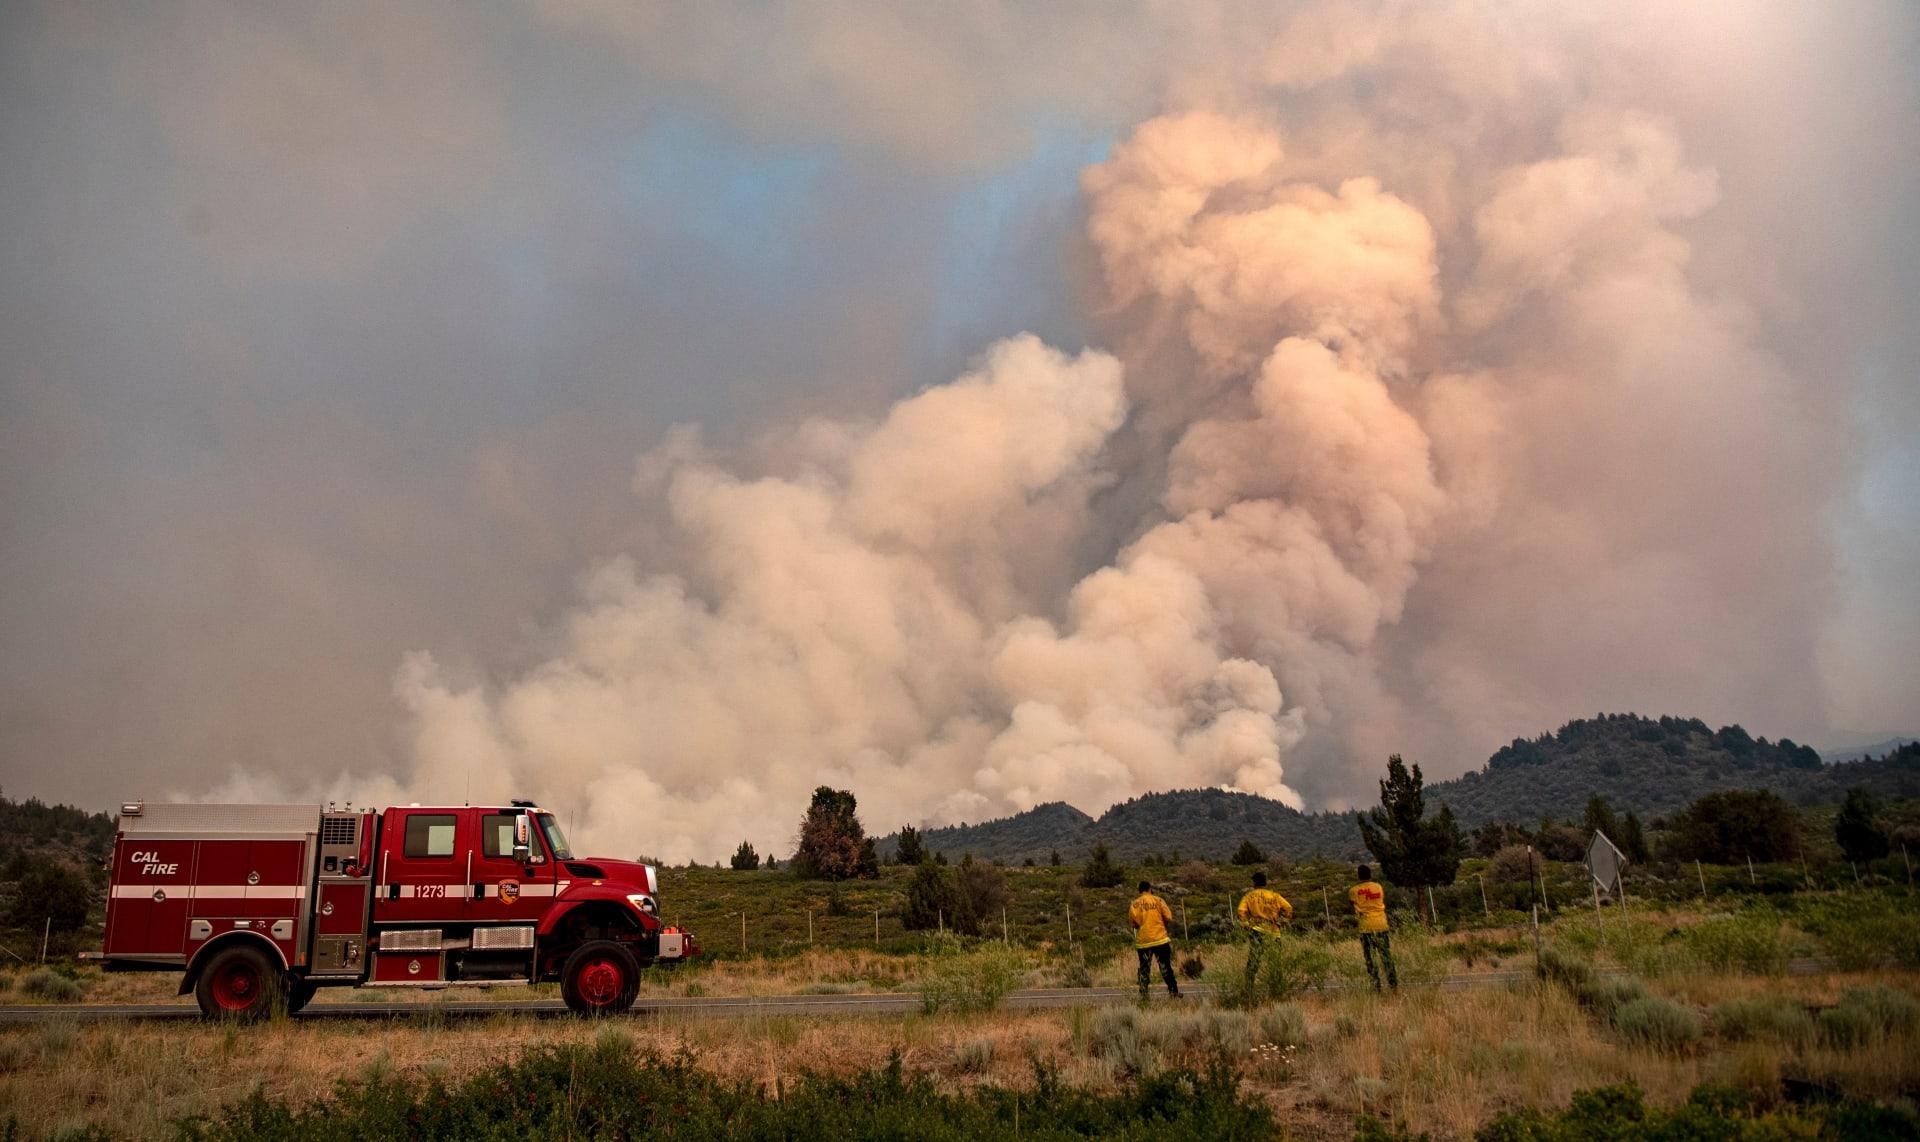 يراقب رجال الإطفاء المشهد بينما تستمر حرائق الحمم البركانية في الاشتعال في ويد بولاية كاليفورنيا في 1 يوليو 2021.